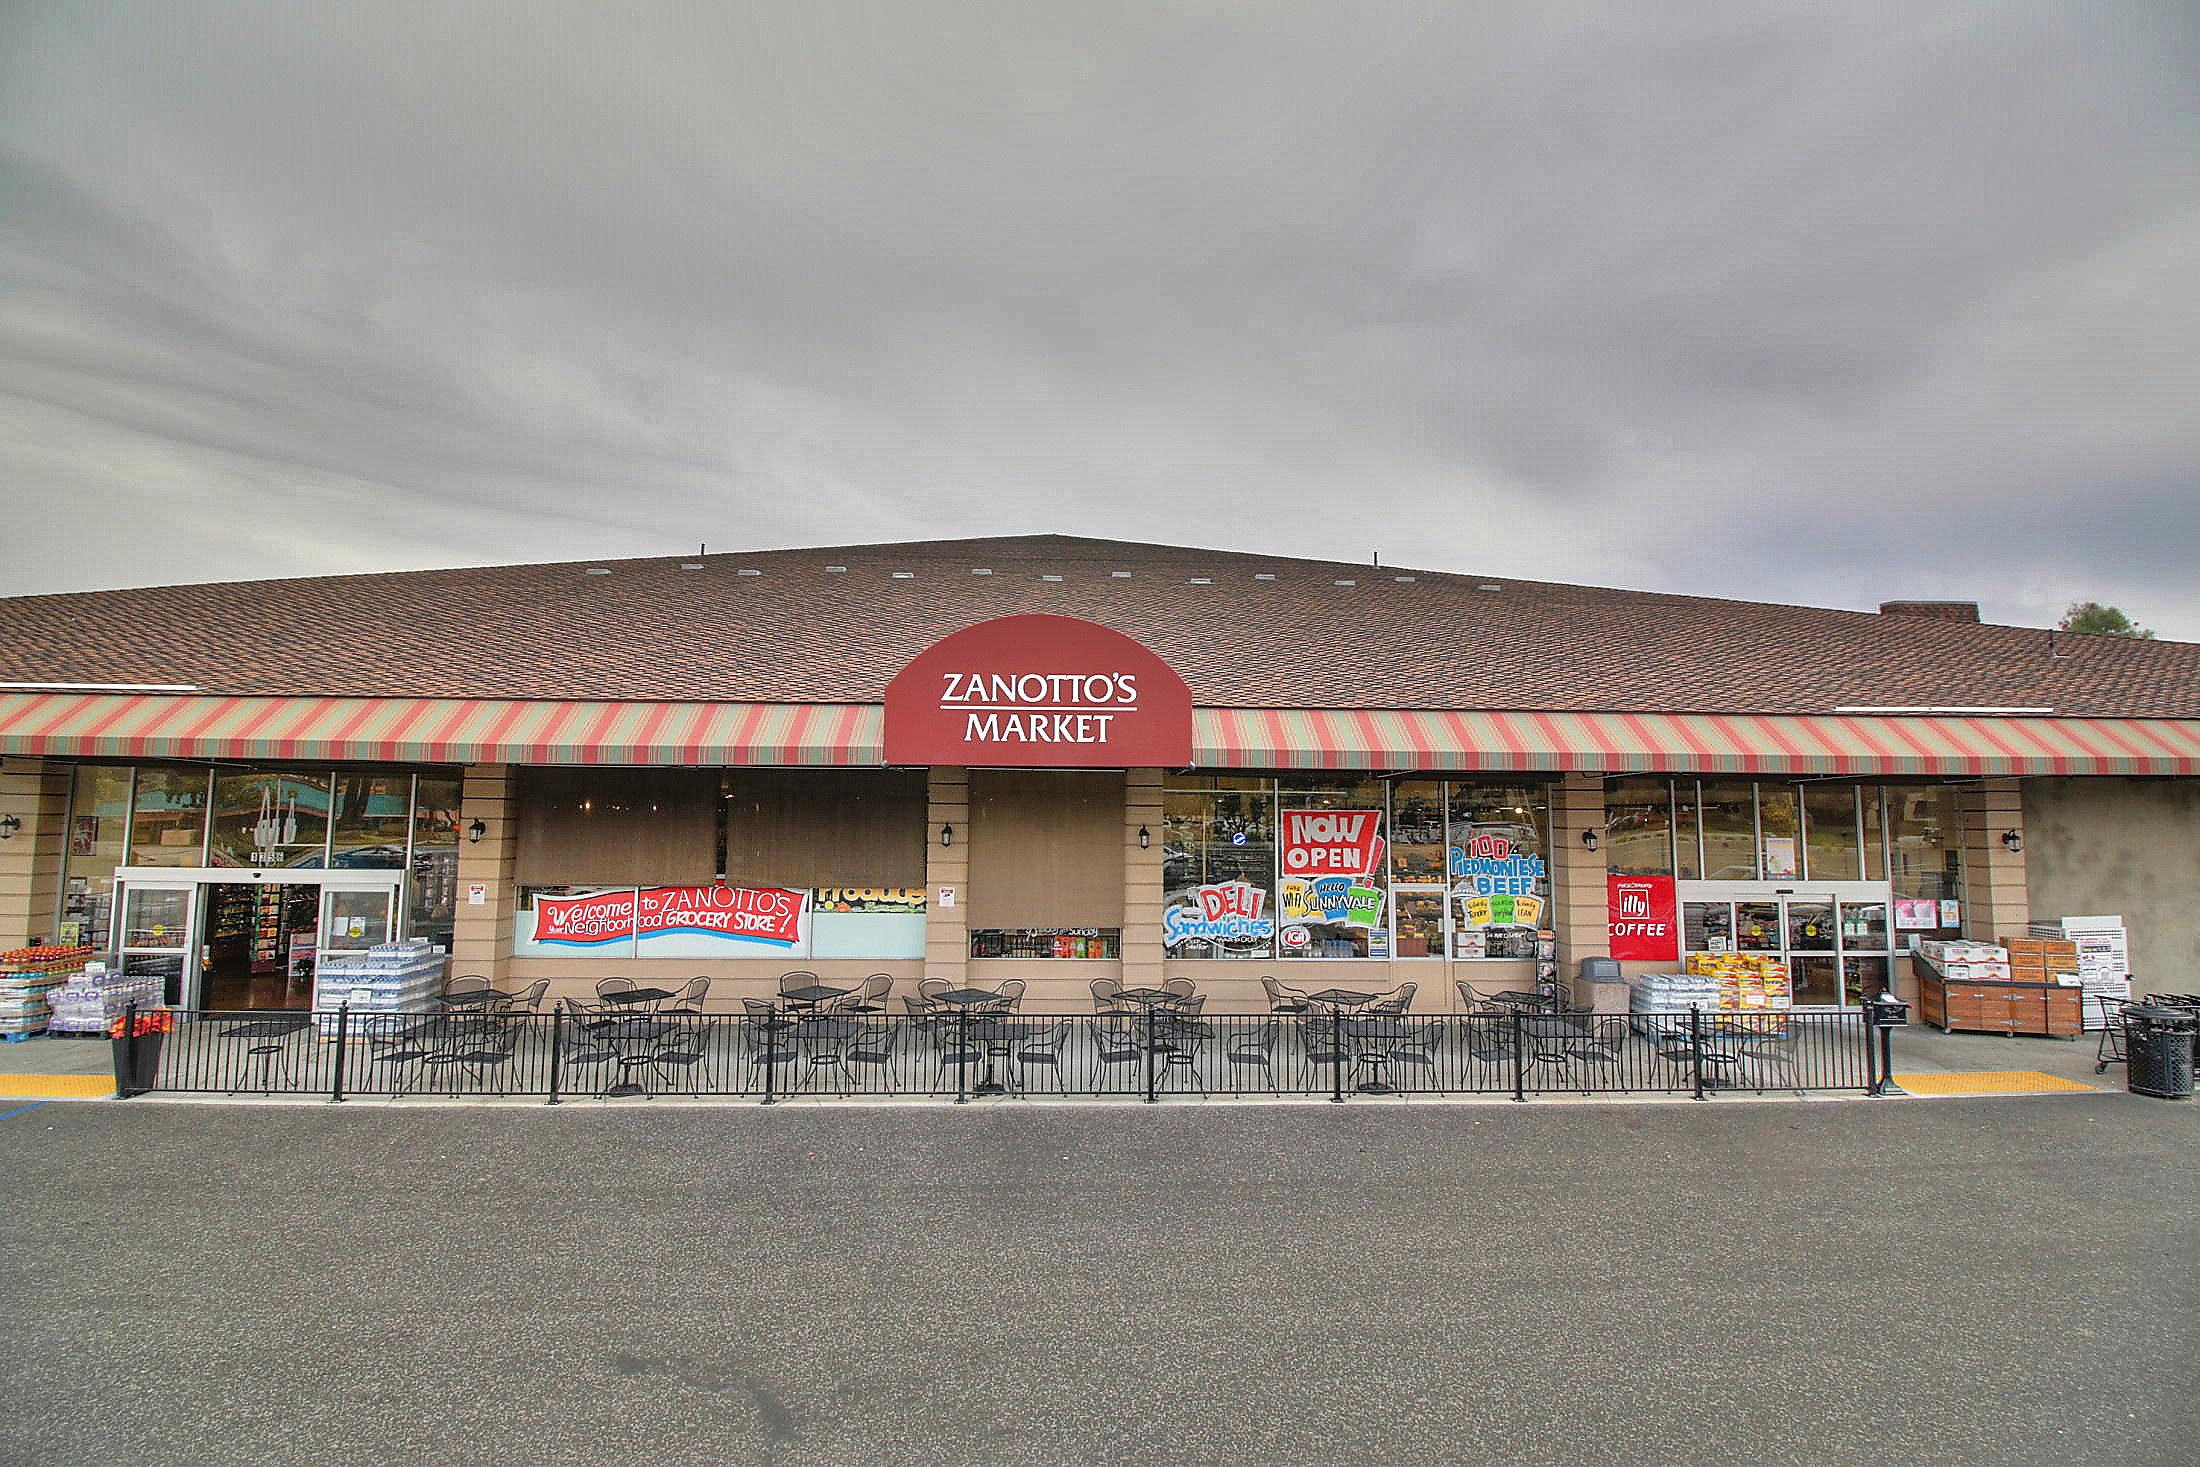 Zanotto's Market